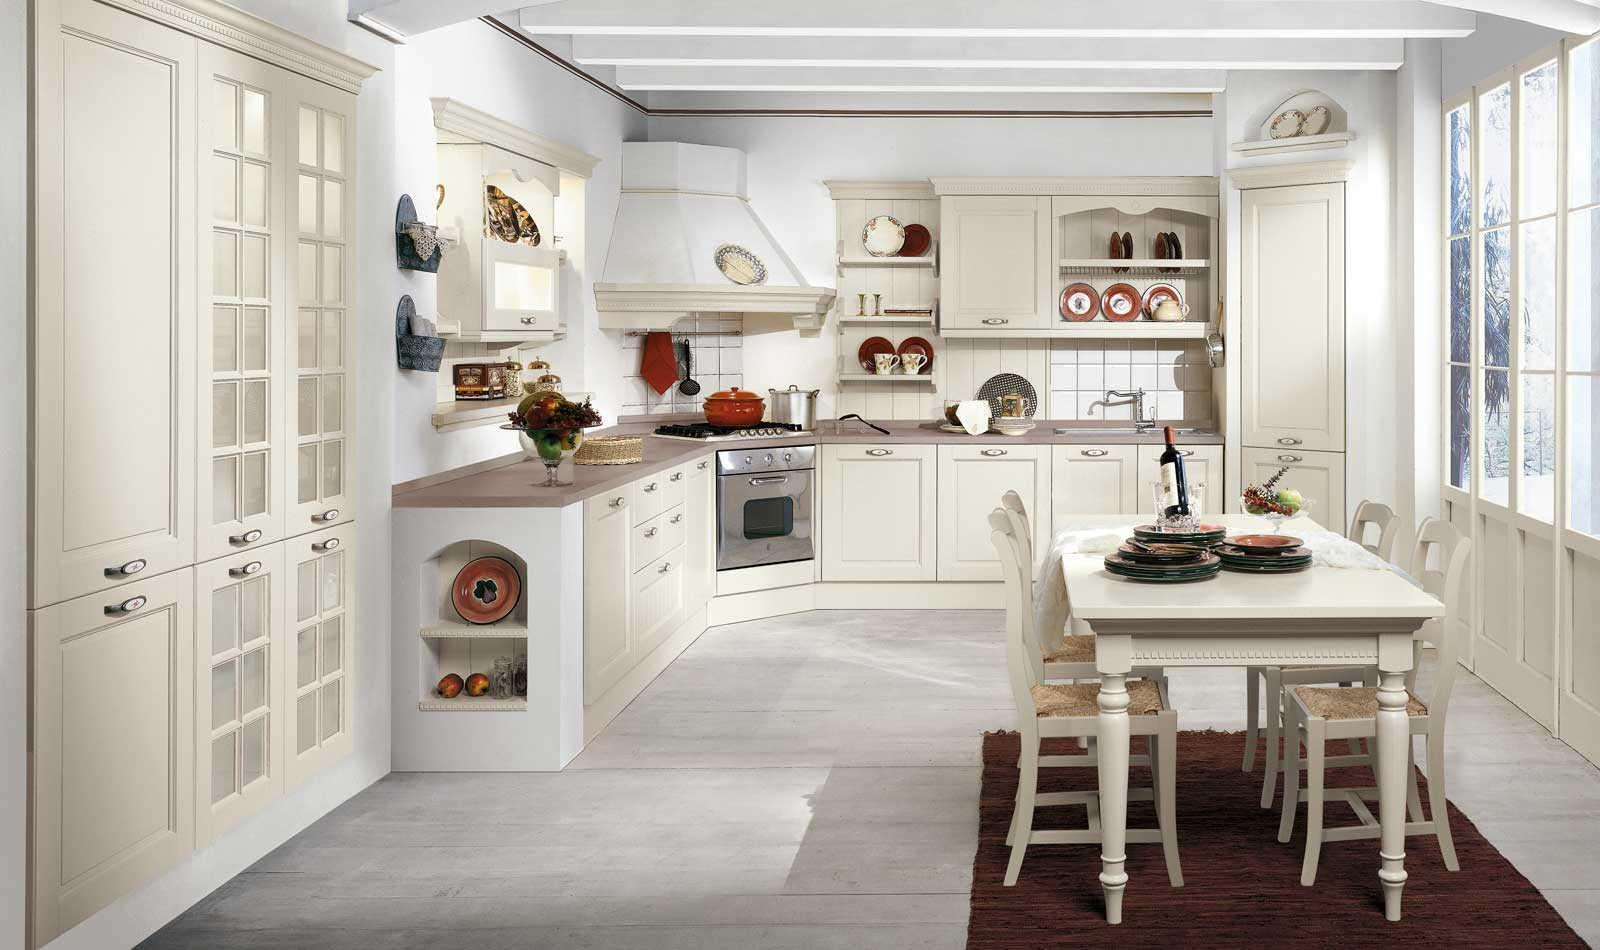 Cucina Classica Bianca | Cucine Classiche Evo Cucine